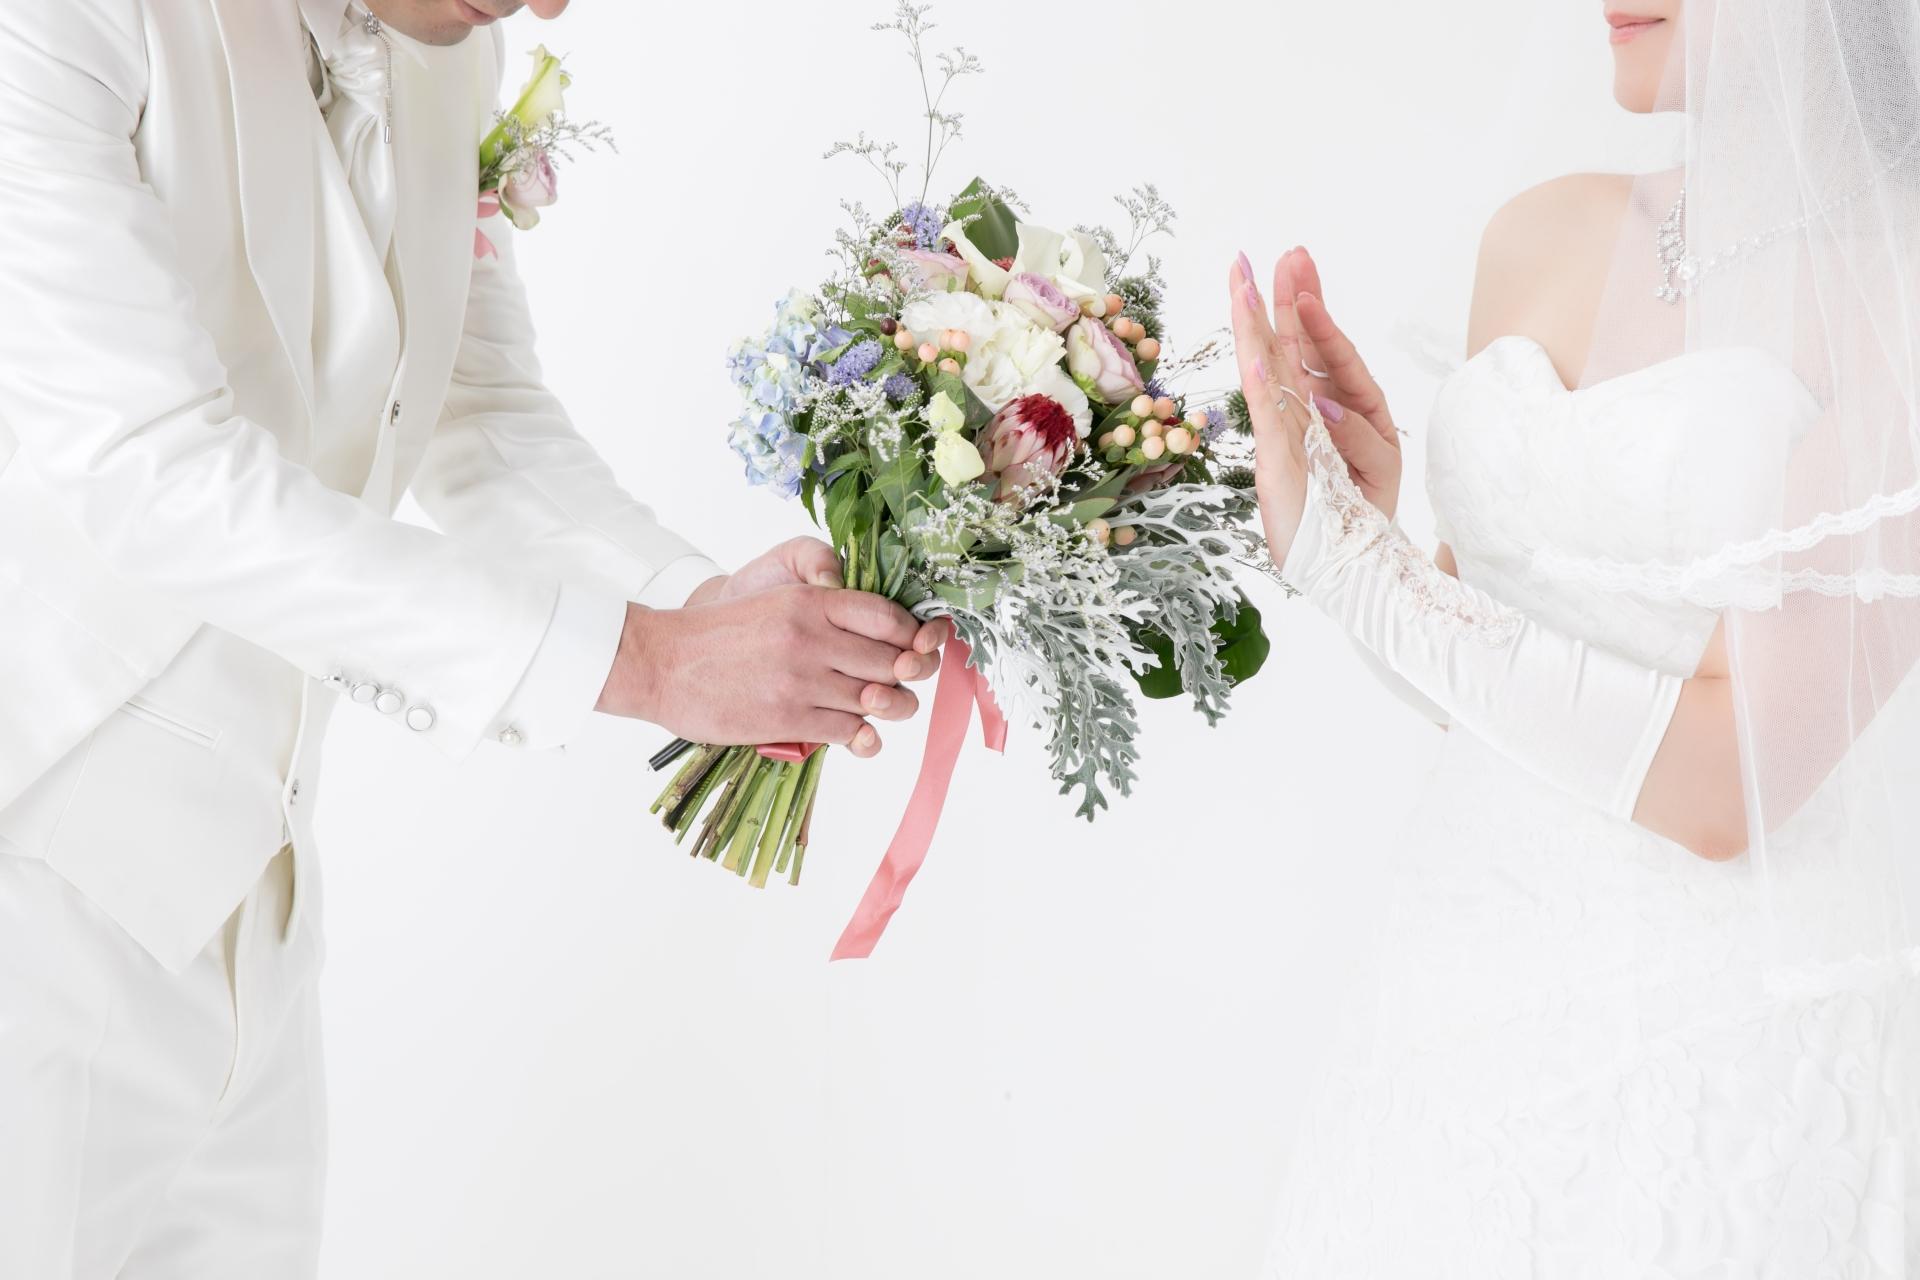 0a3f946152d6cbdc8113fc2b324adfe8 m - 結婚生活を上手く行かせる方法